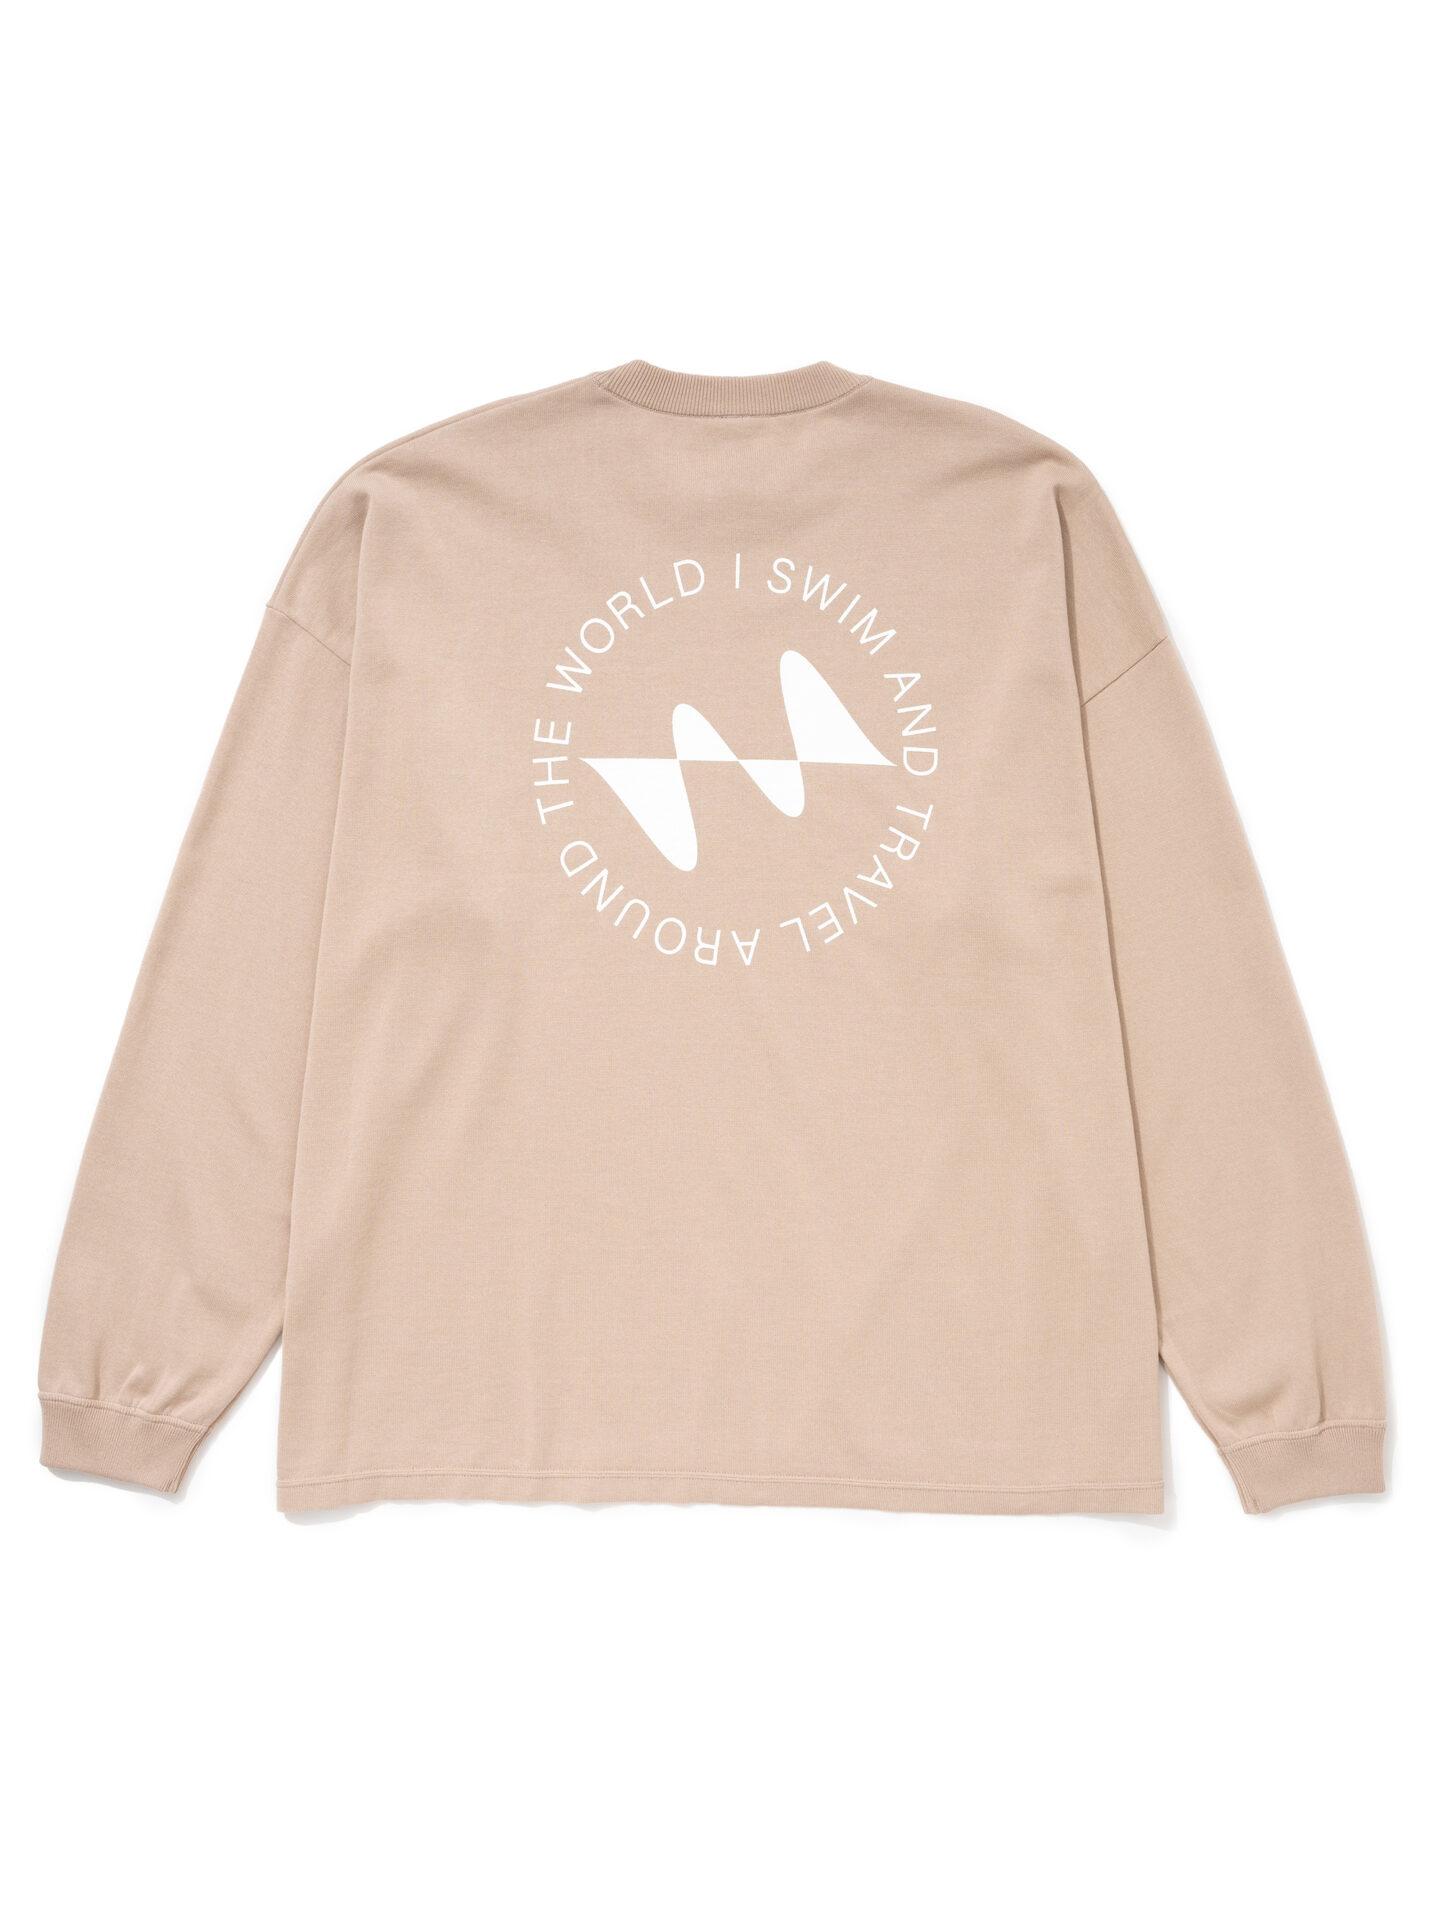 【超撥水】オーガニックコットン100%使用 最高級 I SWIMロゴ長袖Tシャツ -ベージュ